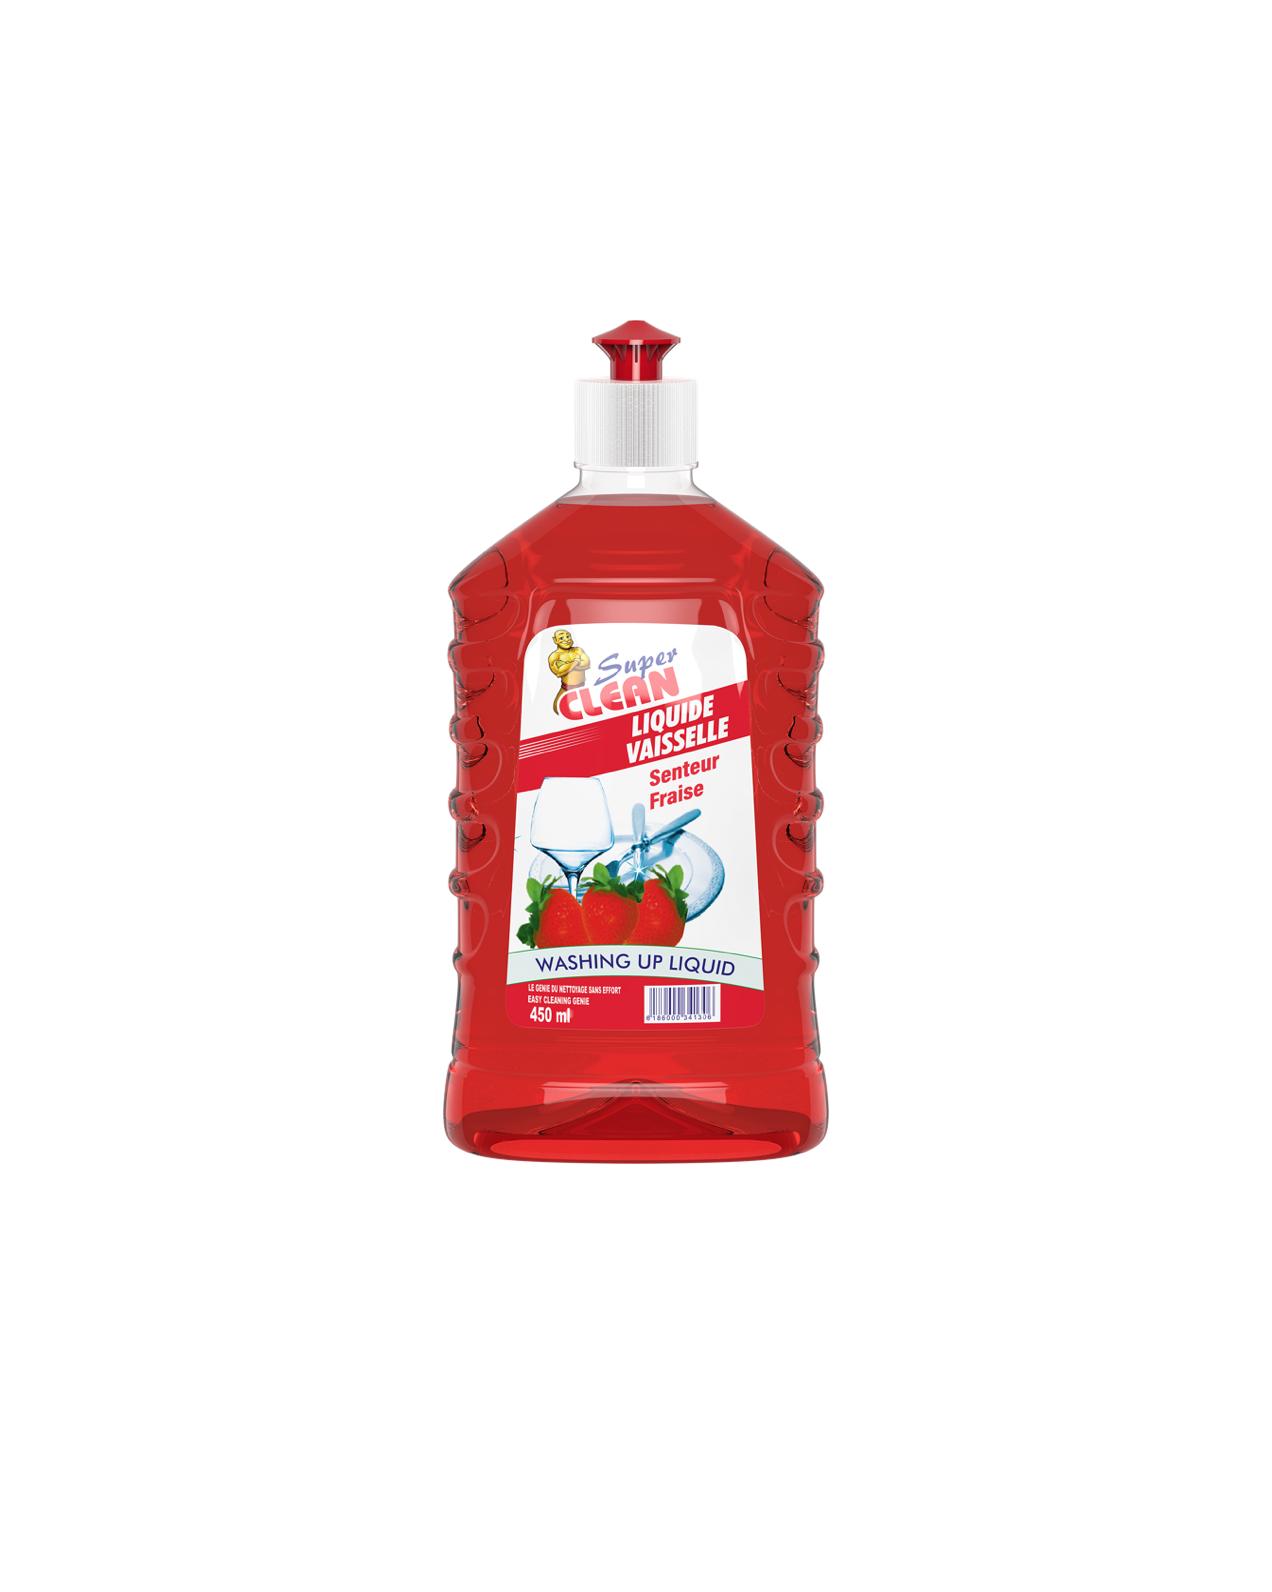 SUPER CLEAN_Liquide Vaisselle Fraise 450ml_Siprochim